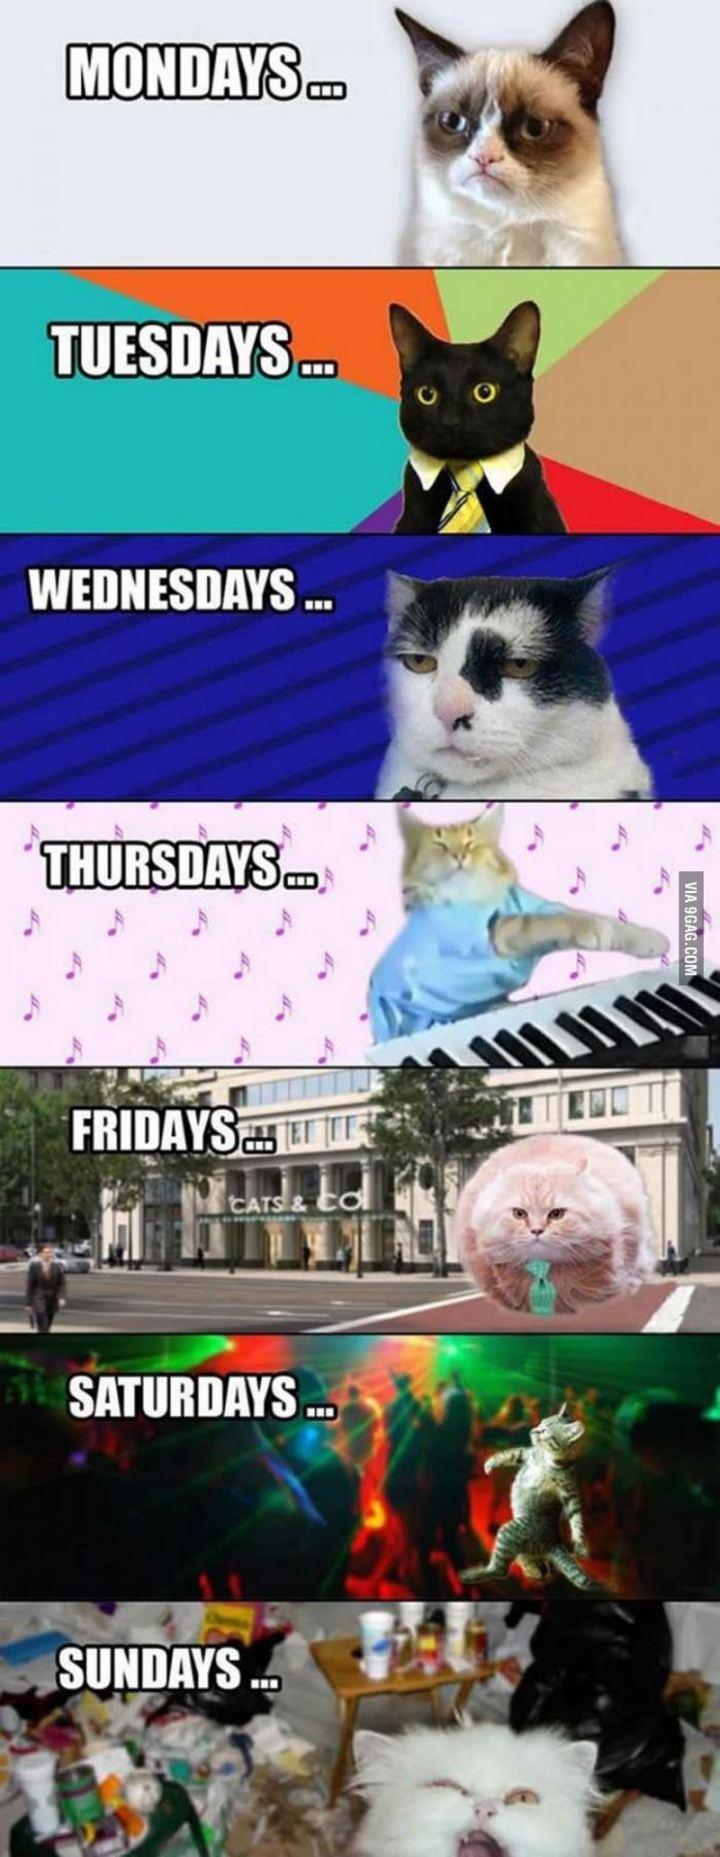 """""""Mondays...Tuesdays...Wednesdays...Thursdays...Fridays...Saturdays...Sundays..."""""""